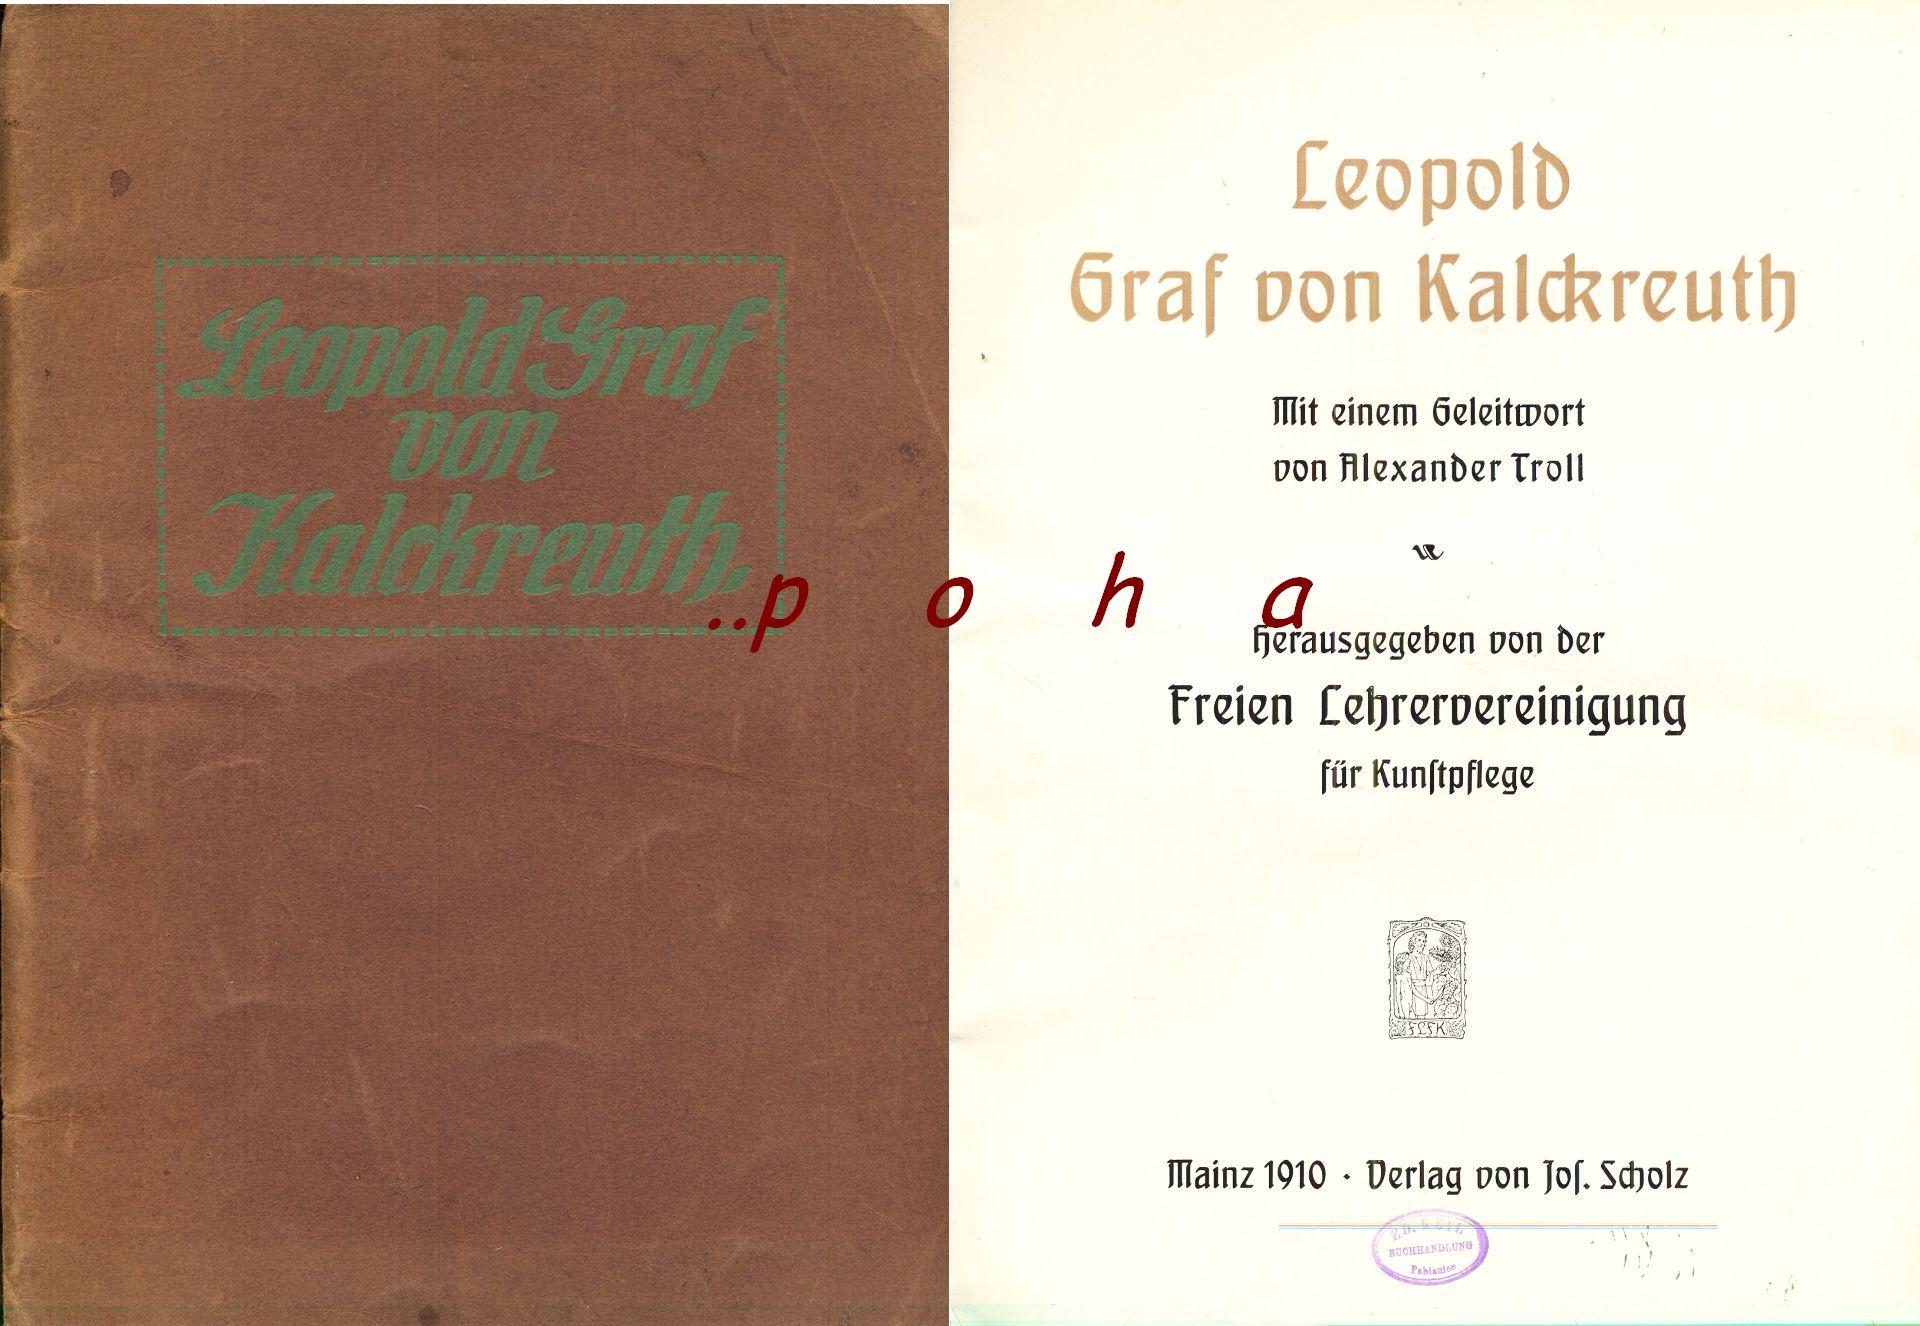 Leopold Graf von Kalckreuth 1910 malarz